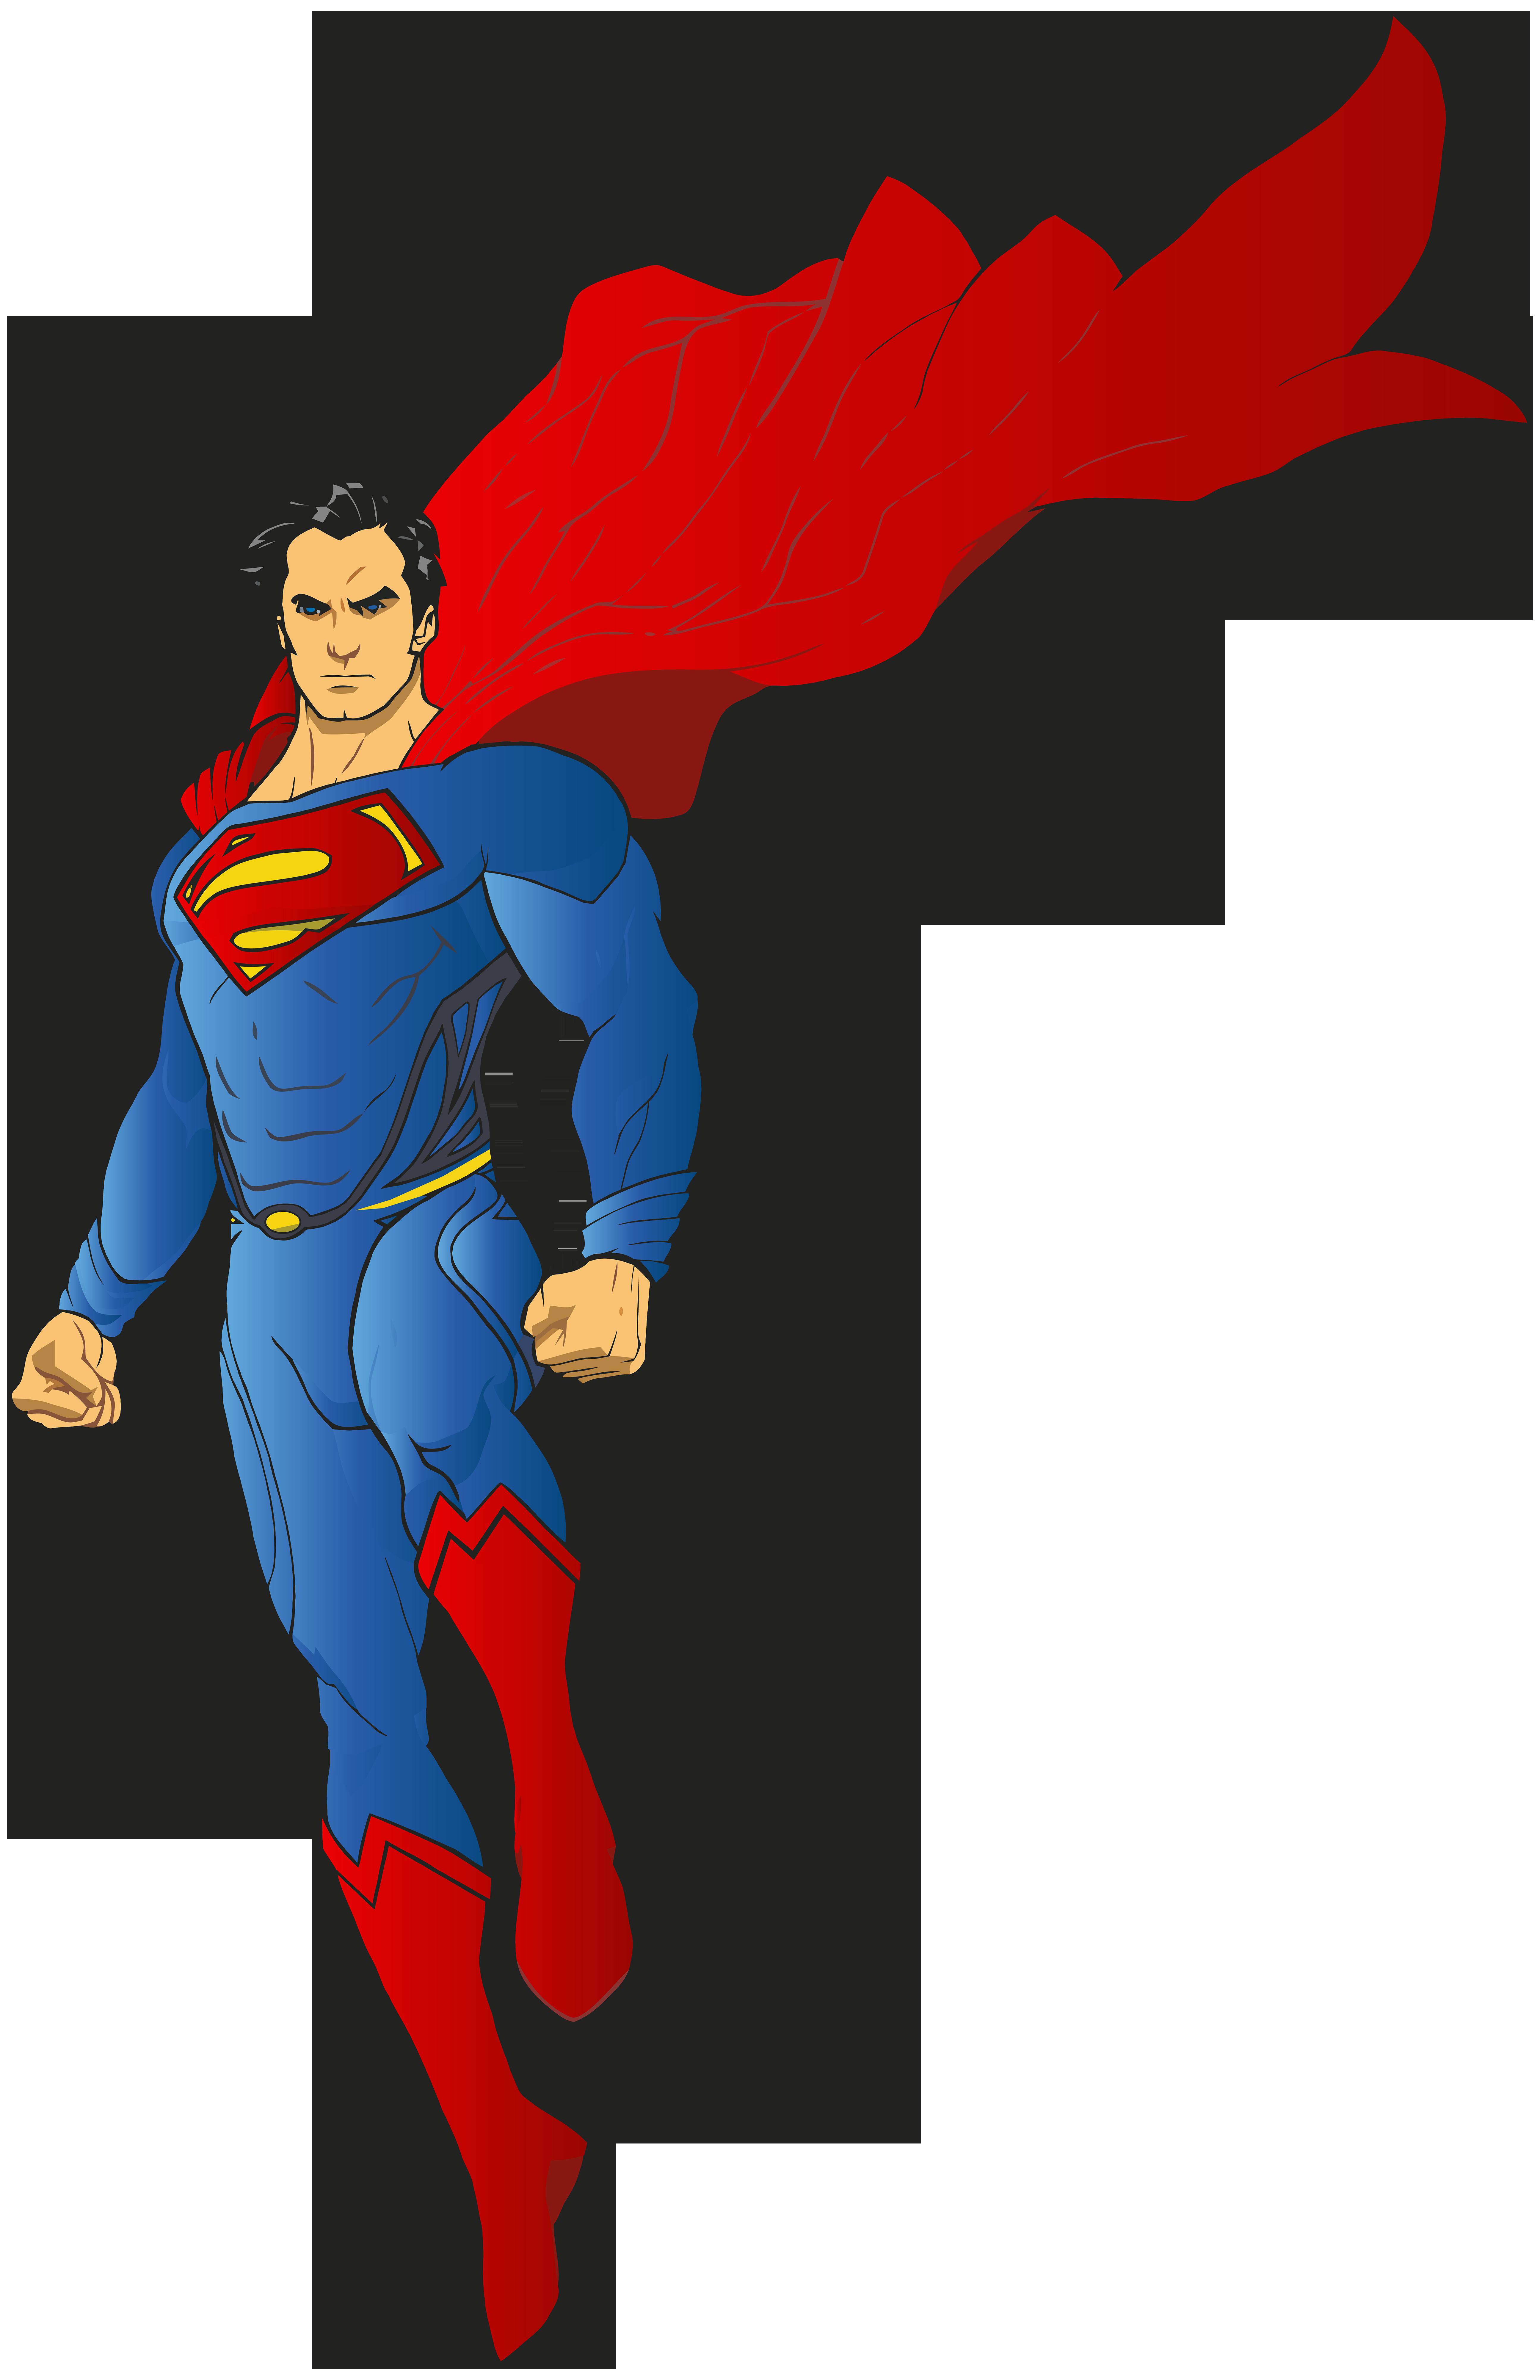 Super Hero Transparent Clip Art Image.